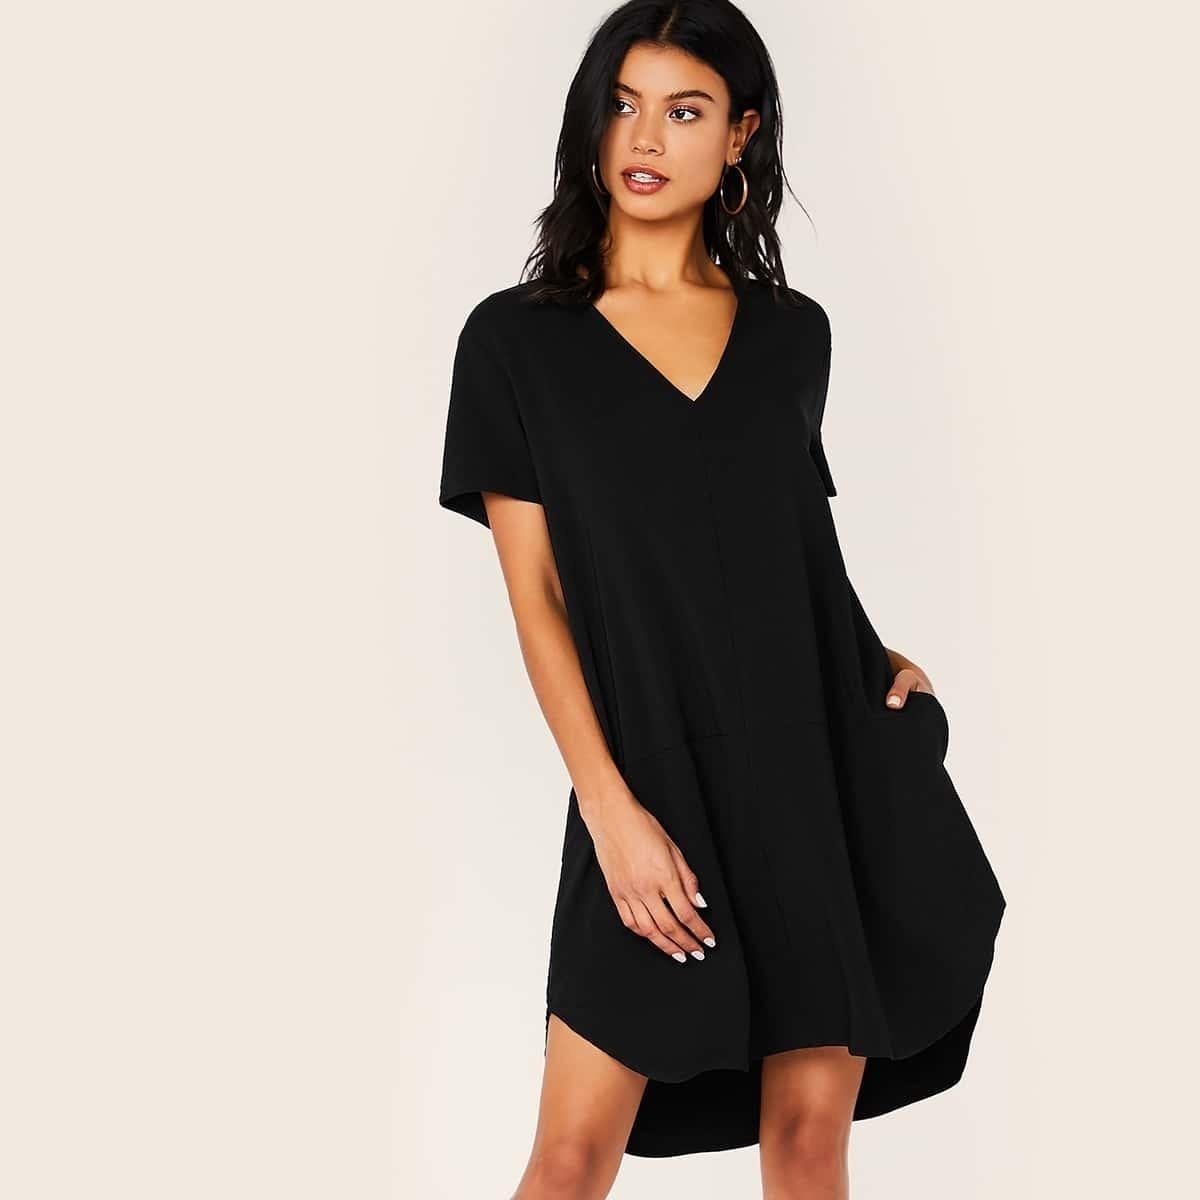 SHEIN / Kleid mit V Cut Ausschnitt